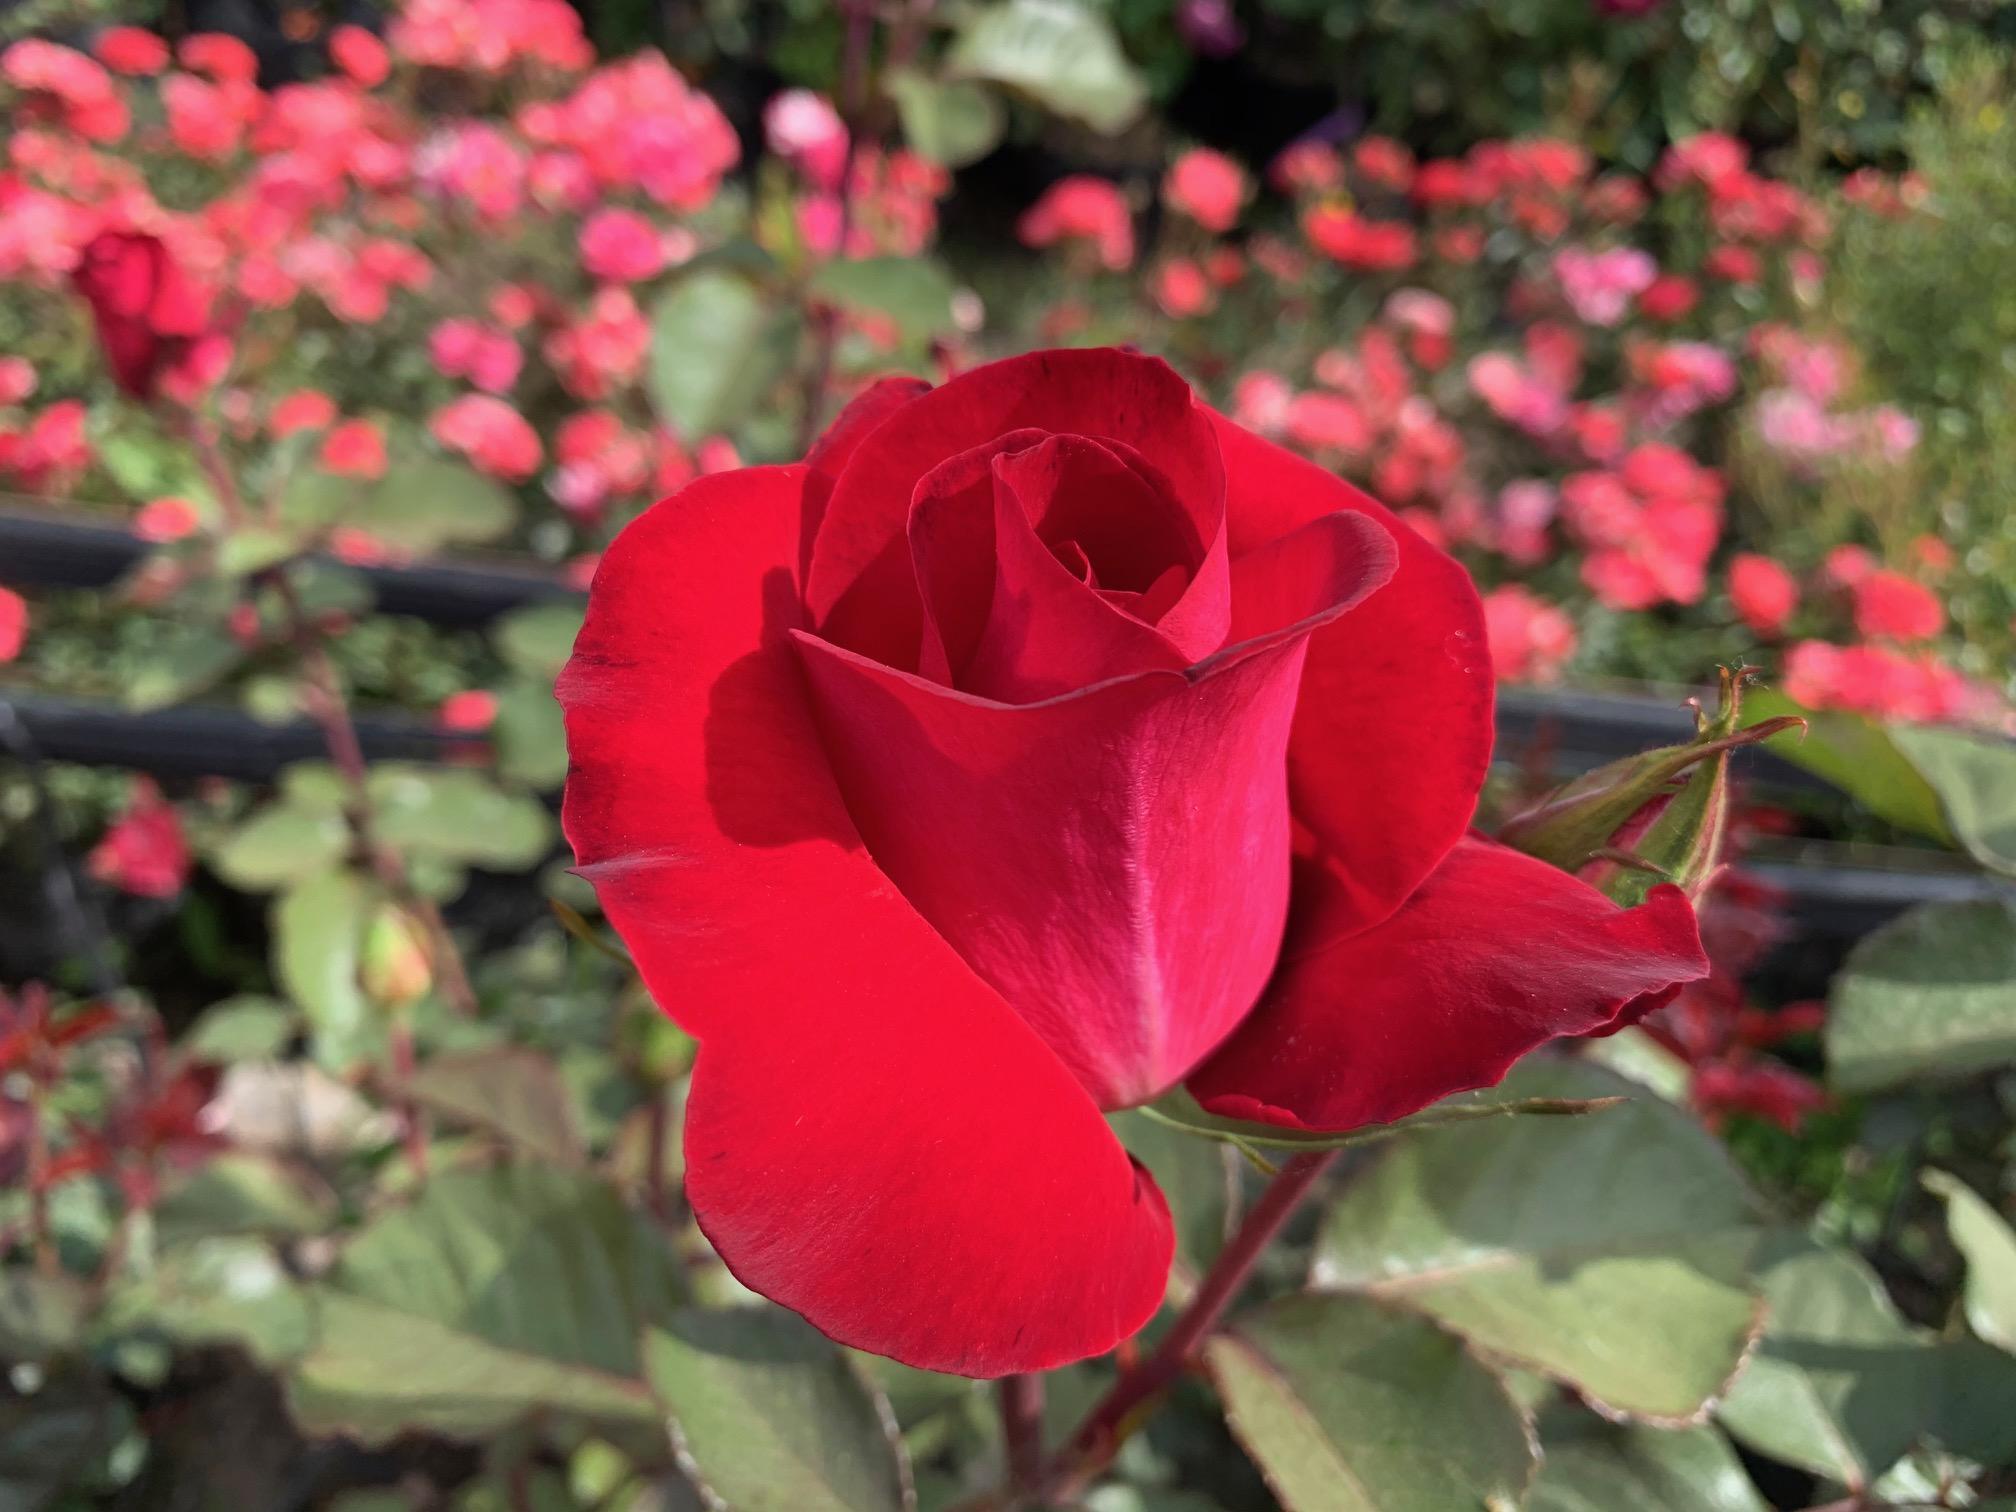 Rosa 5239 Ronald REagan IMG_6600.jpg